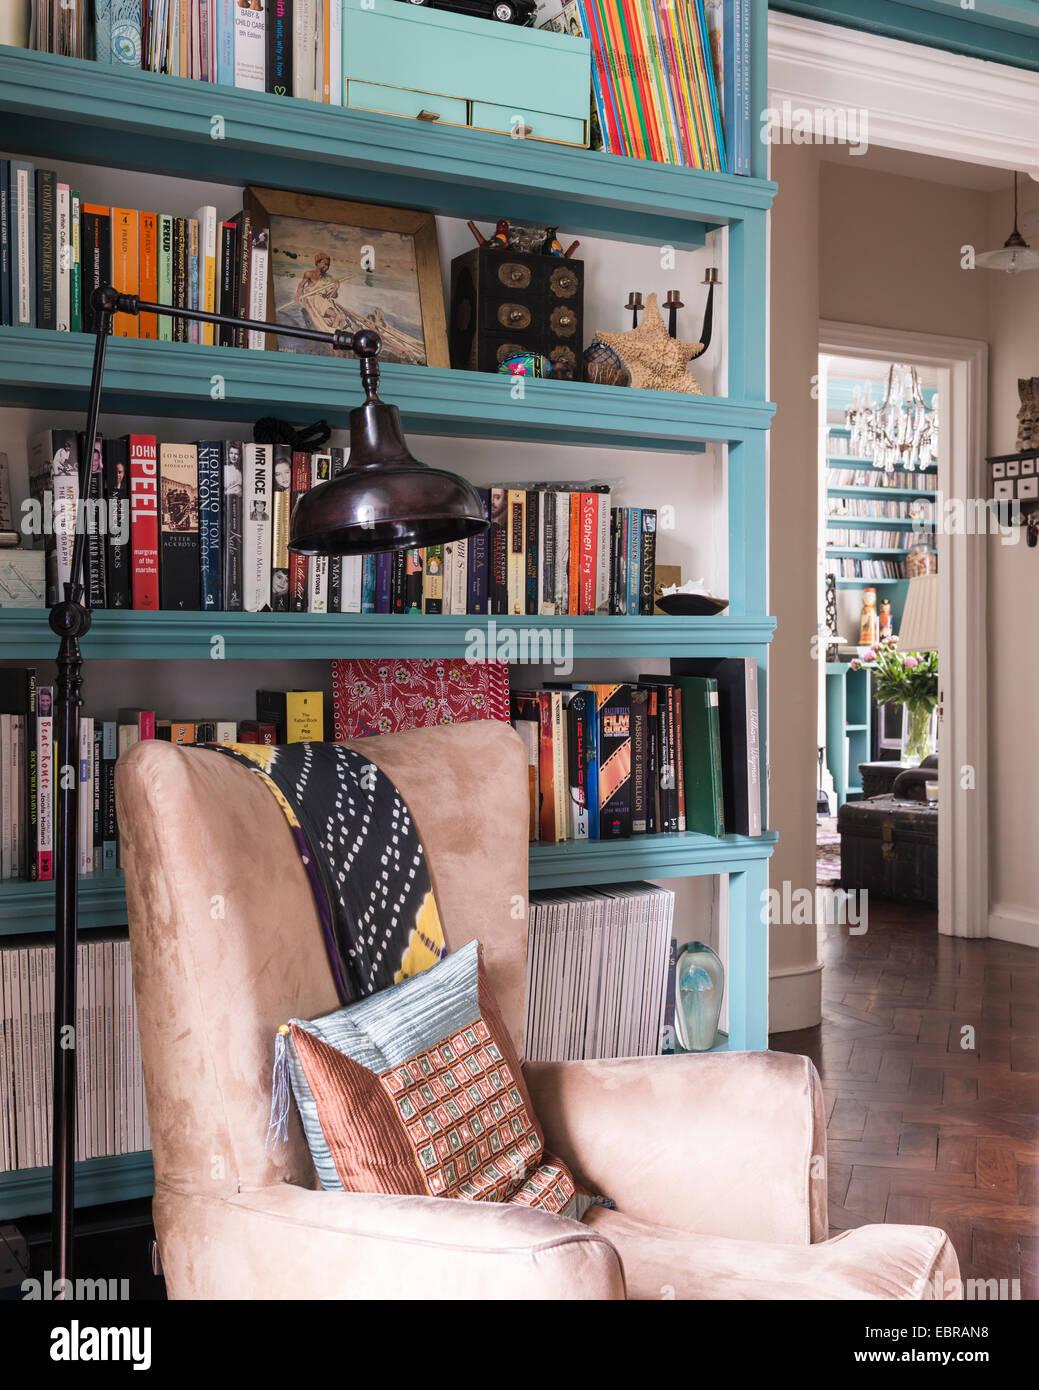 Suede wingback président dans l'étude avec des étagères et de turquoise la mi-siècle Photo Stock